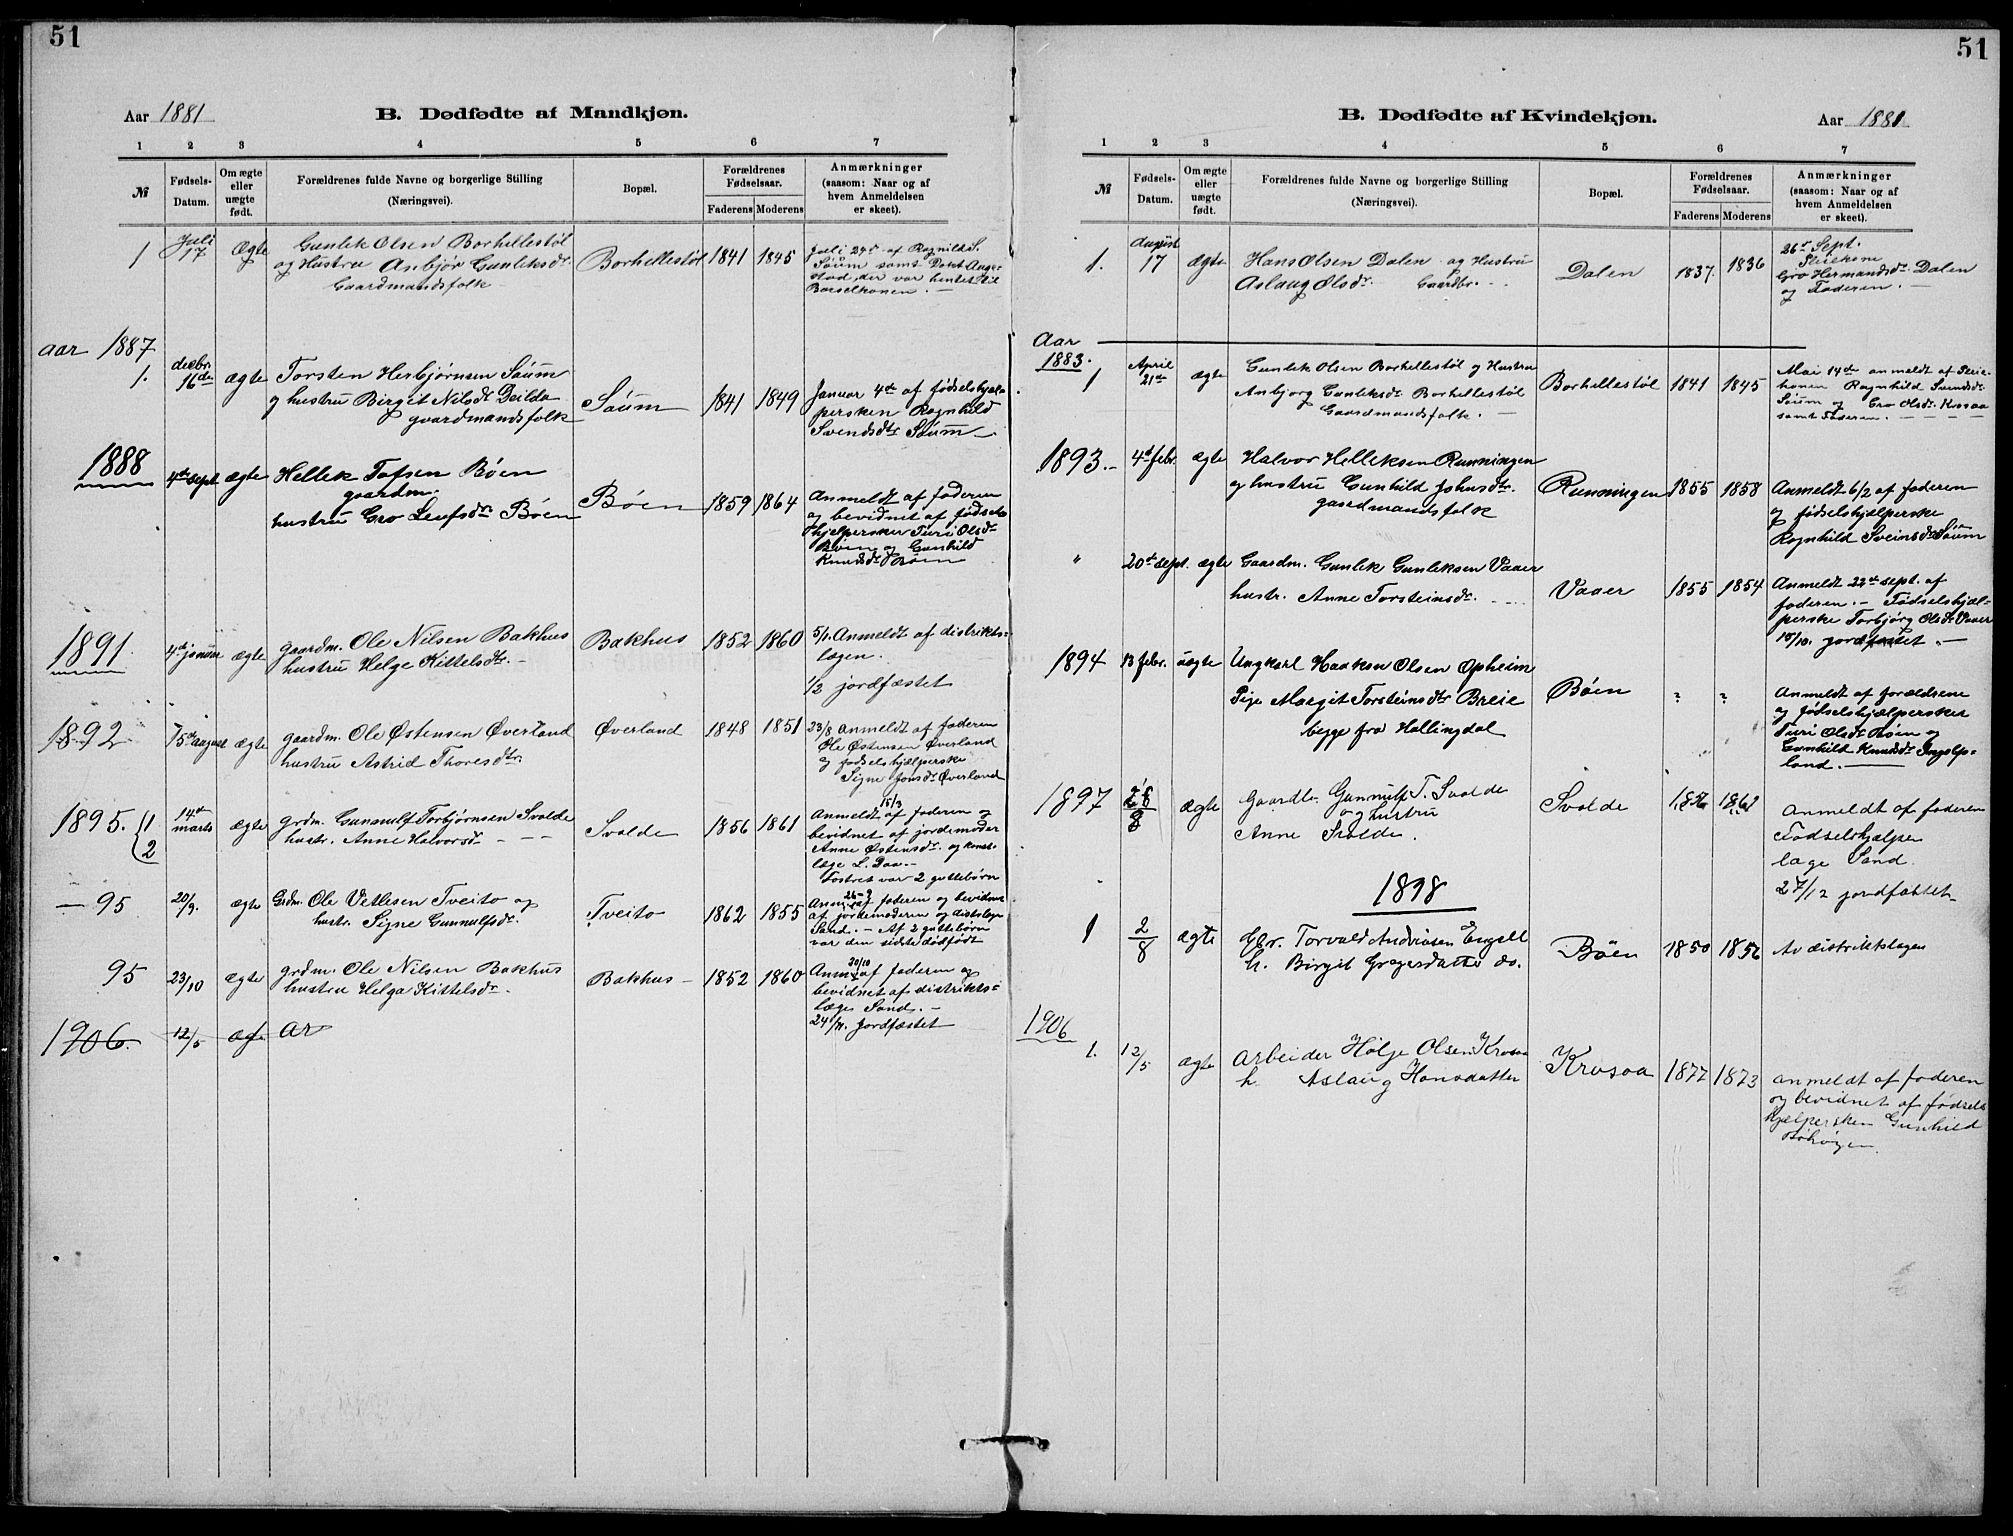 SAKO, Rjukan kirkebøker, G/Ga/L0001: Klokkerbok nr. 1, 1880-1914, s. 51